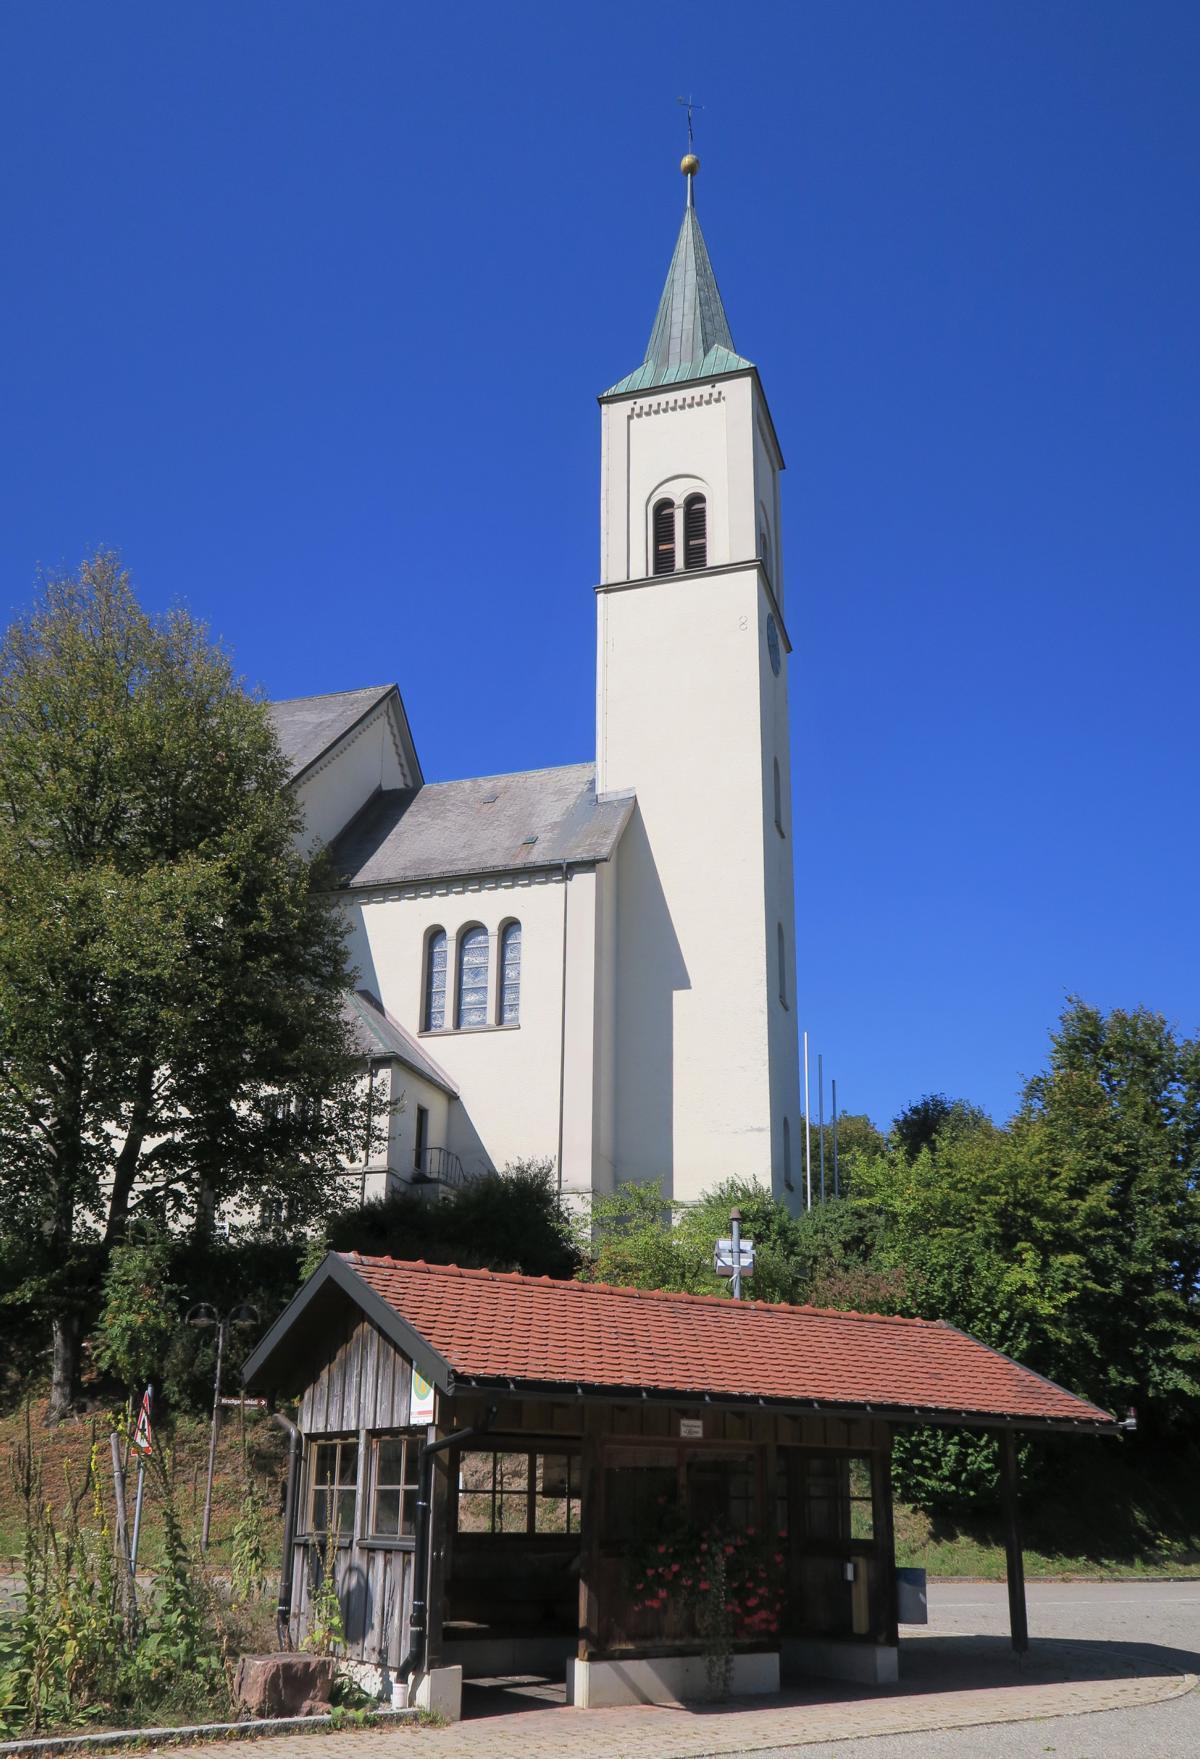 Unsere Tour startet am Busbahnhof in Rickenbach.